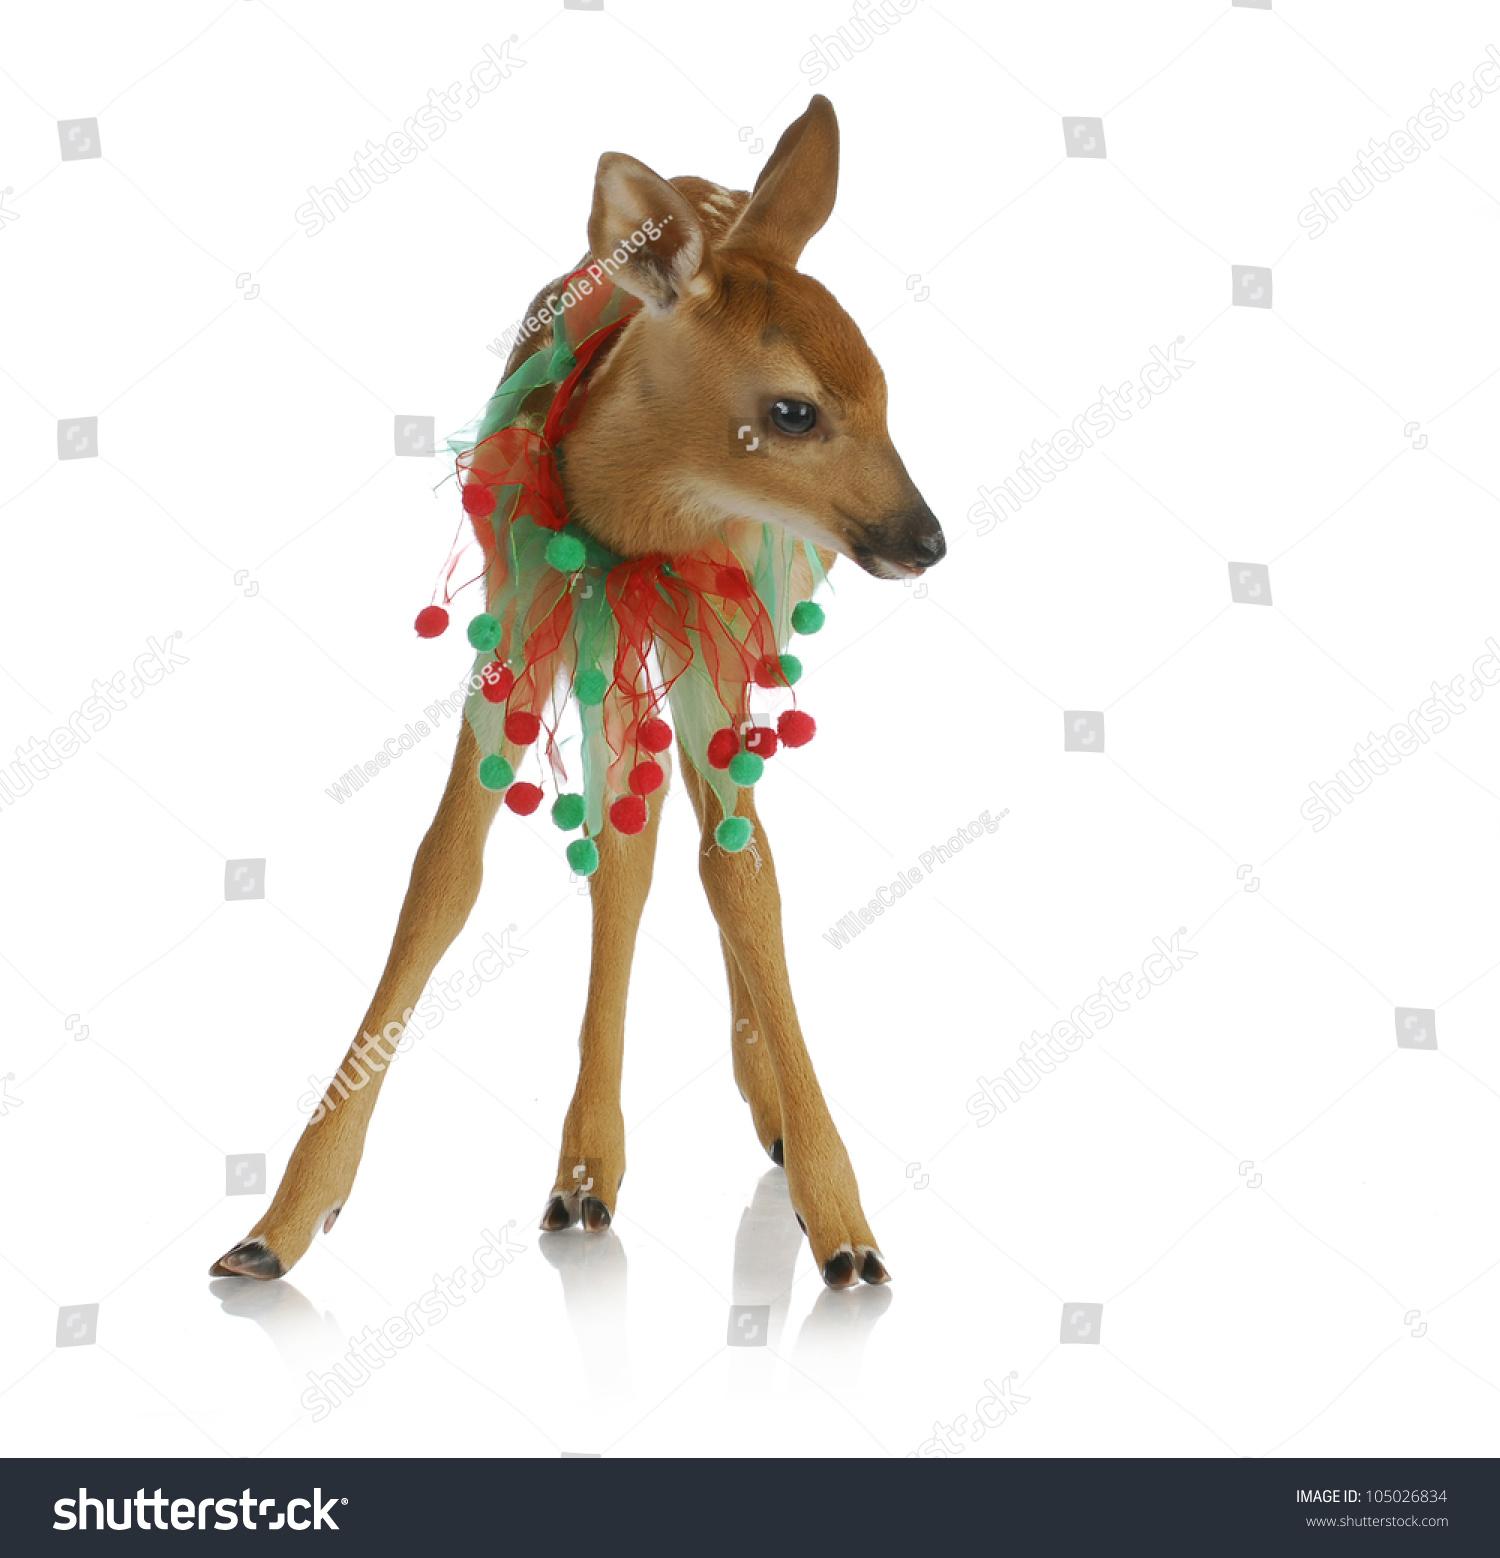 纸杯小鹿的手工制作方法